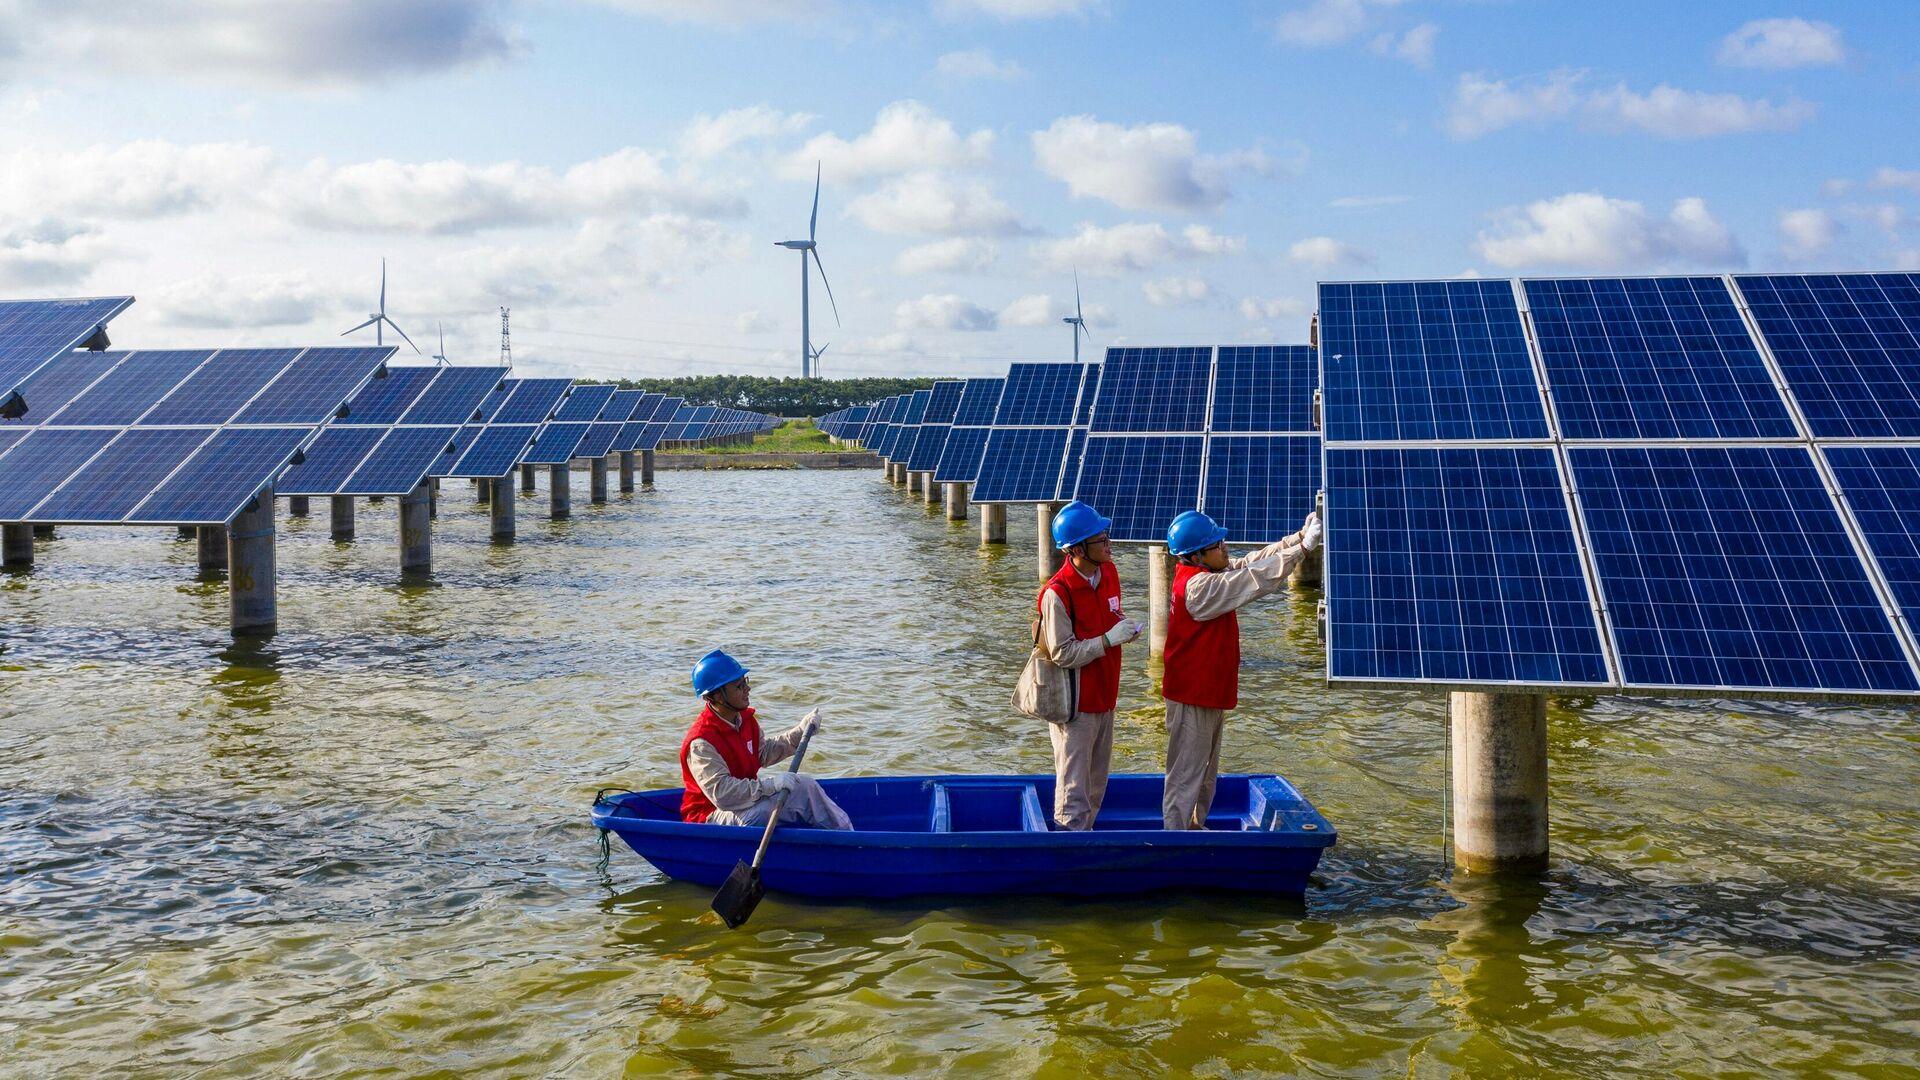 Электротехники проверяют солнечные панели электростанции в пруду в Хайане, Китай - РИА Новости, 1920, 11.10.2021